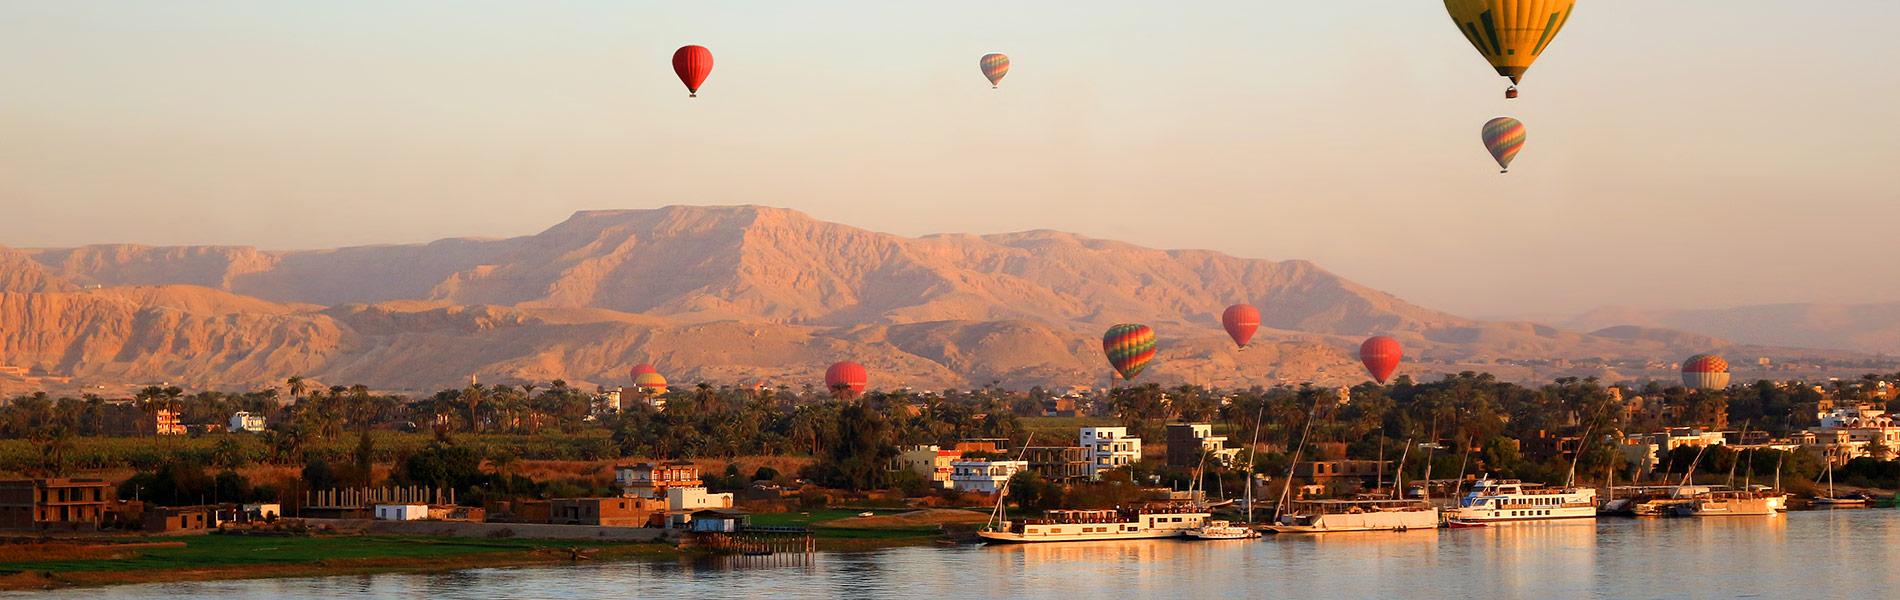 Nile River in Luxor